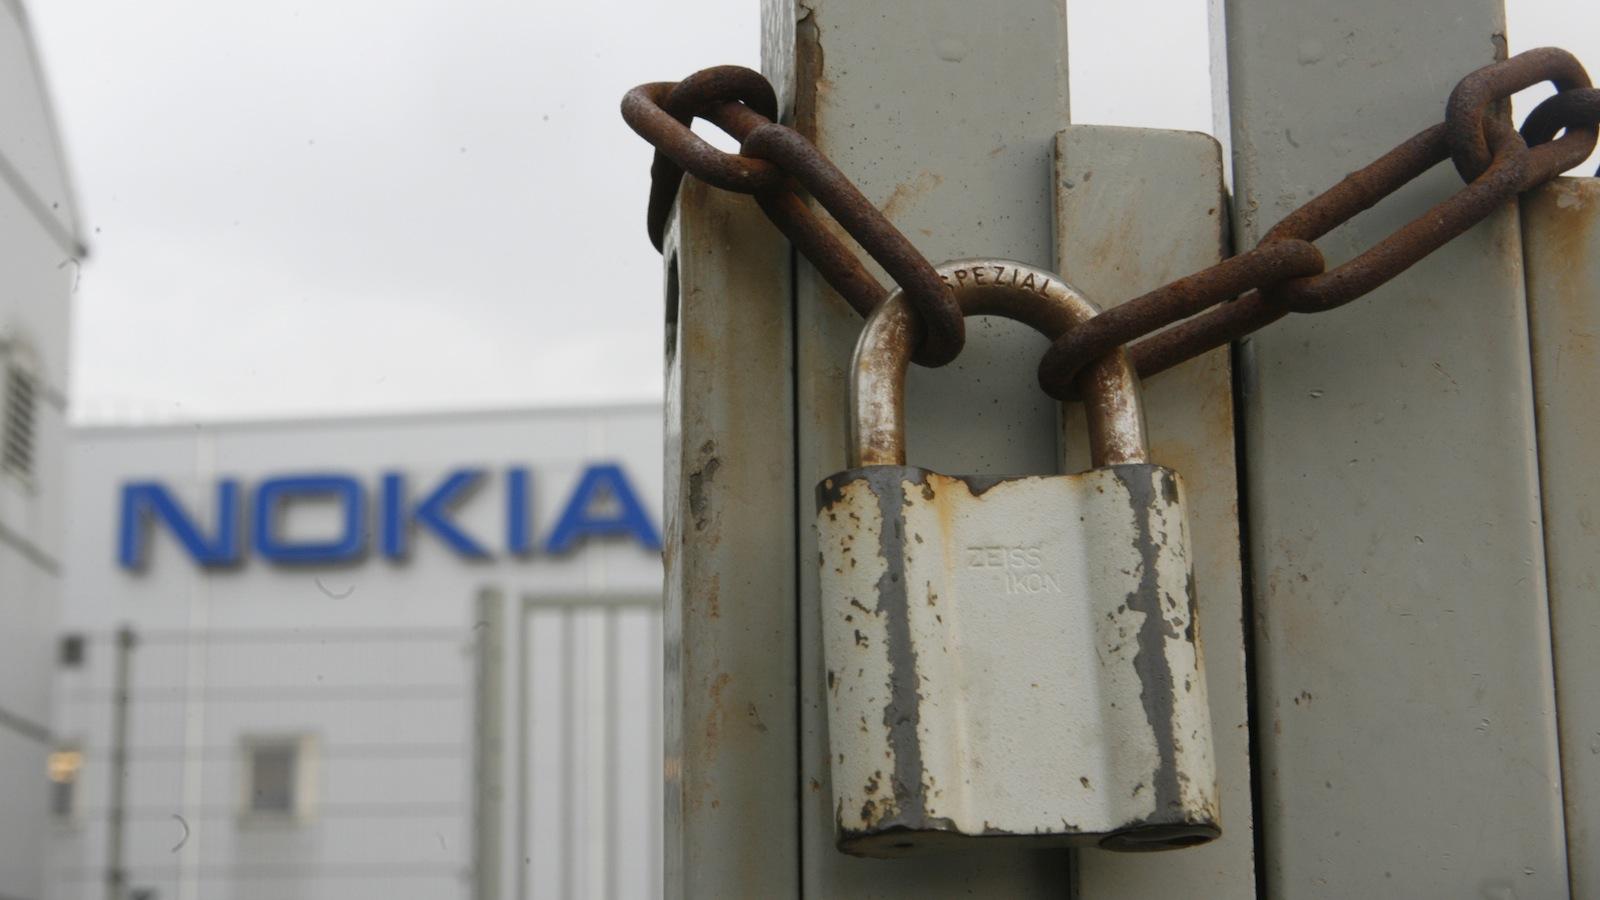 Nokia-Chennai-Mobile